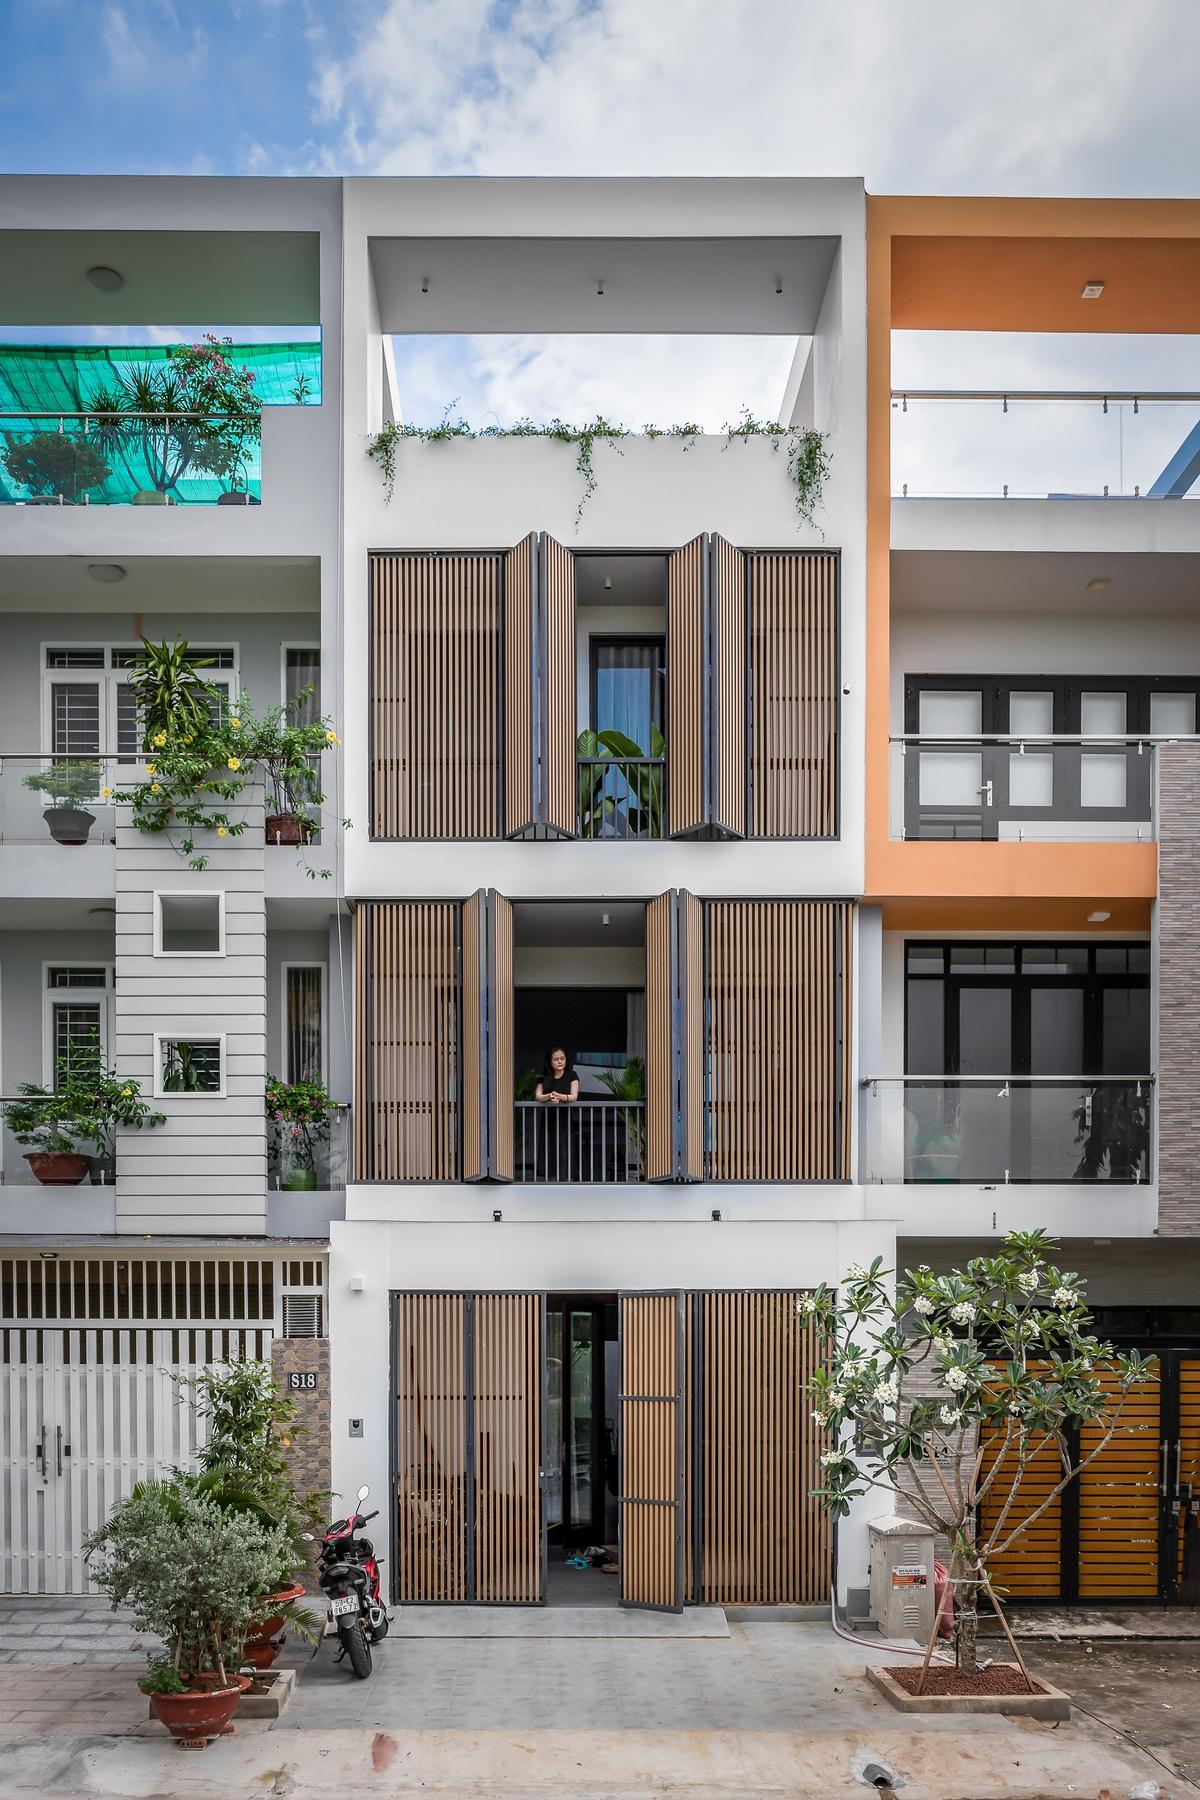 44 1 2000x3000 - NGỌC House - Chất keo gắn kết gia đình đa hệ  Story Architecture